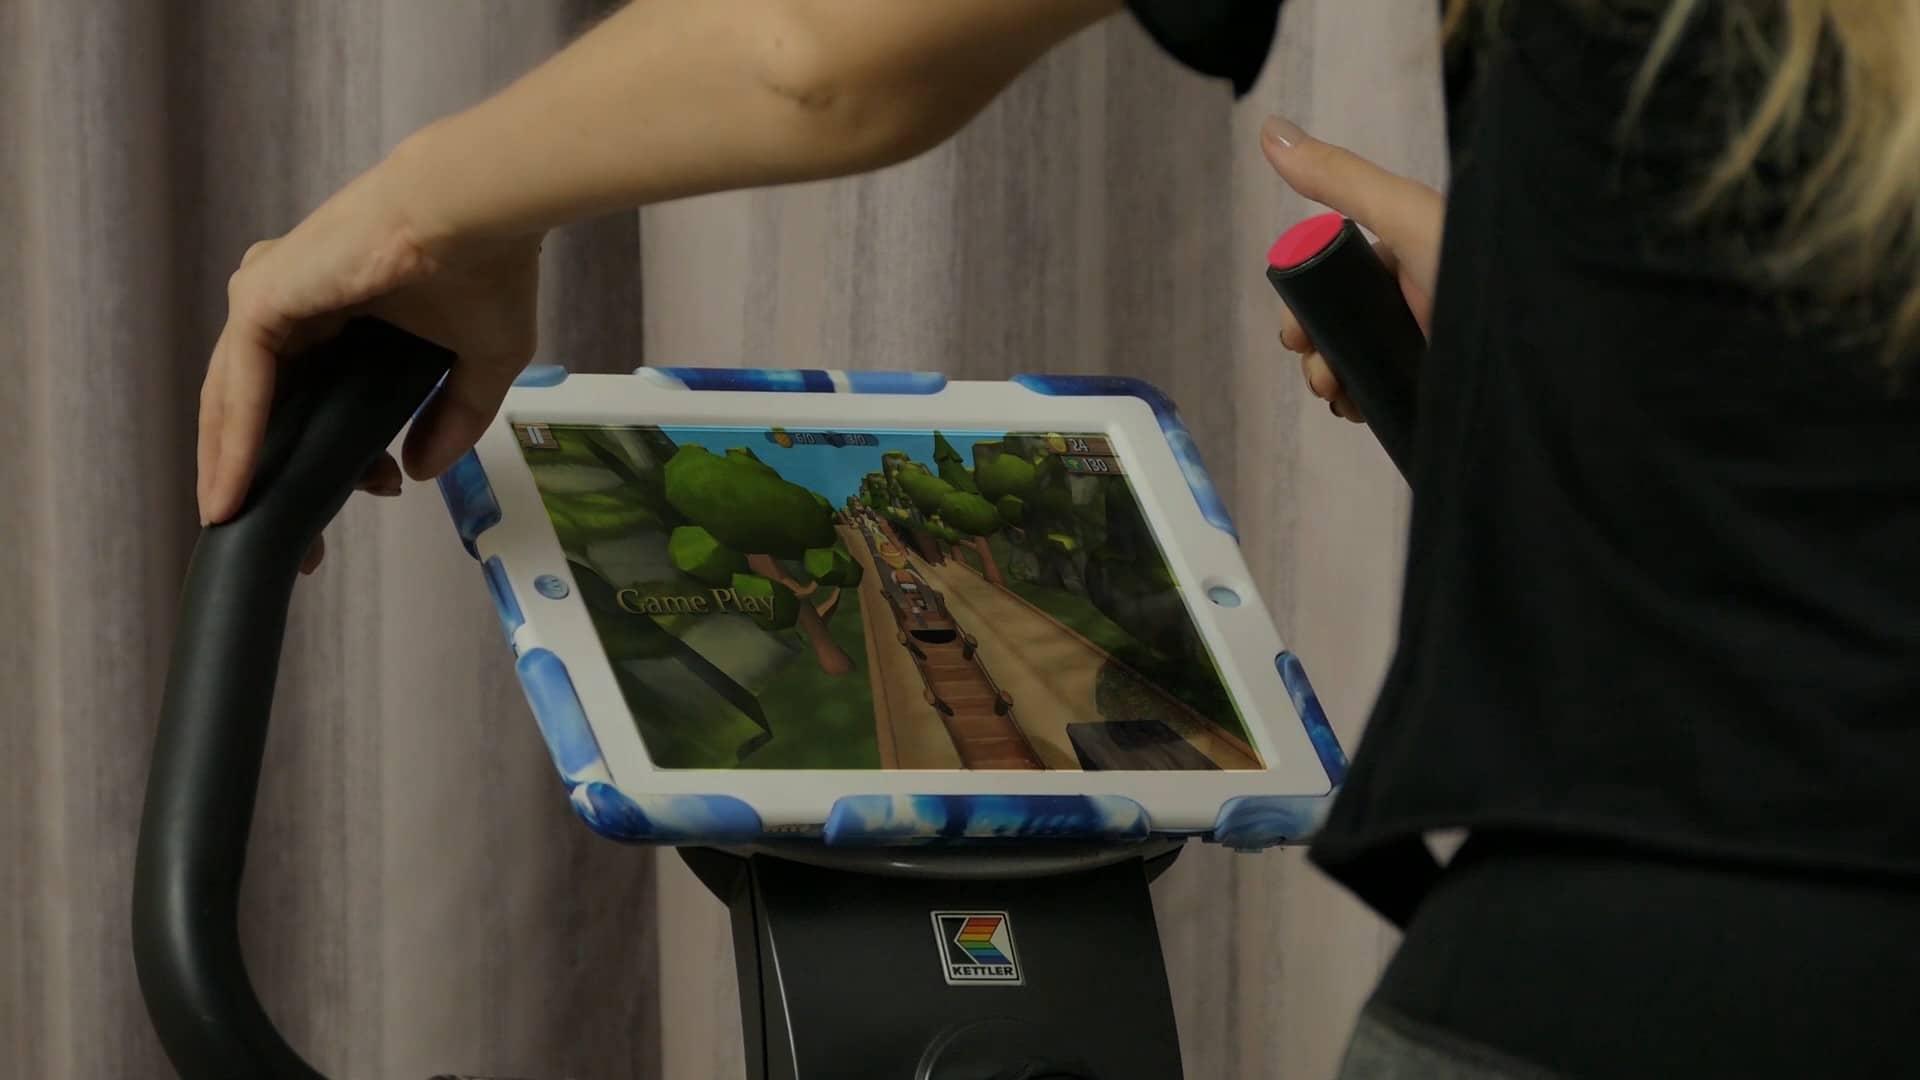 Playbike: Fahrradtrainer zum Spielen